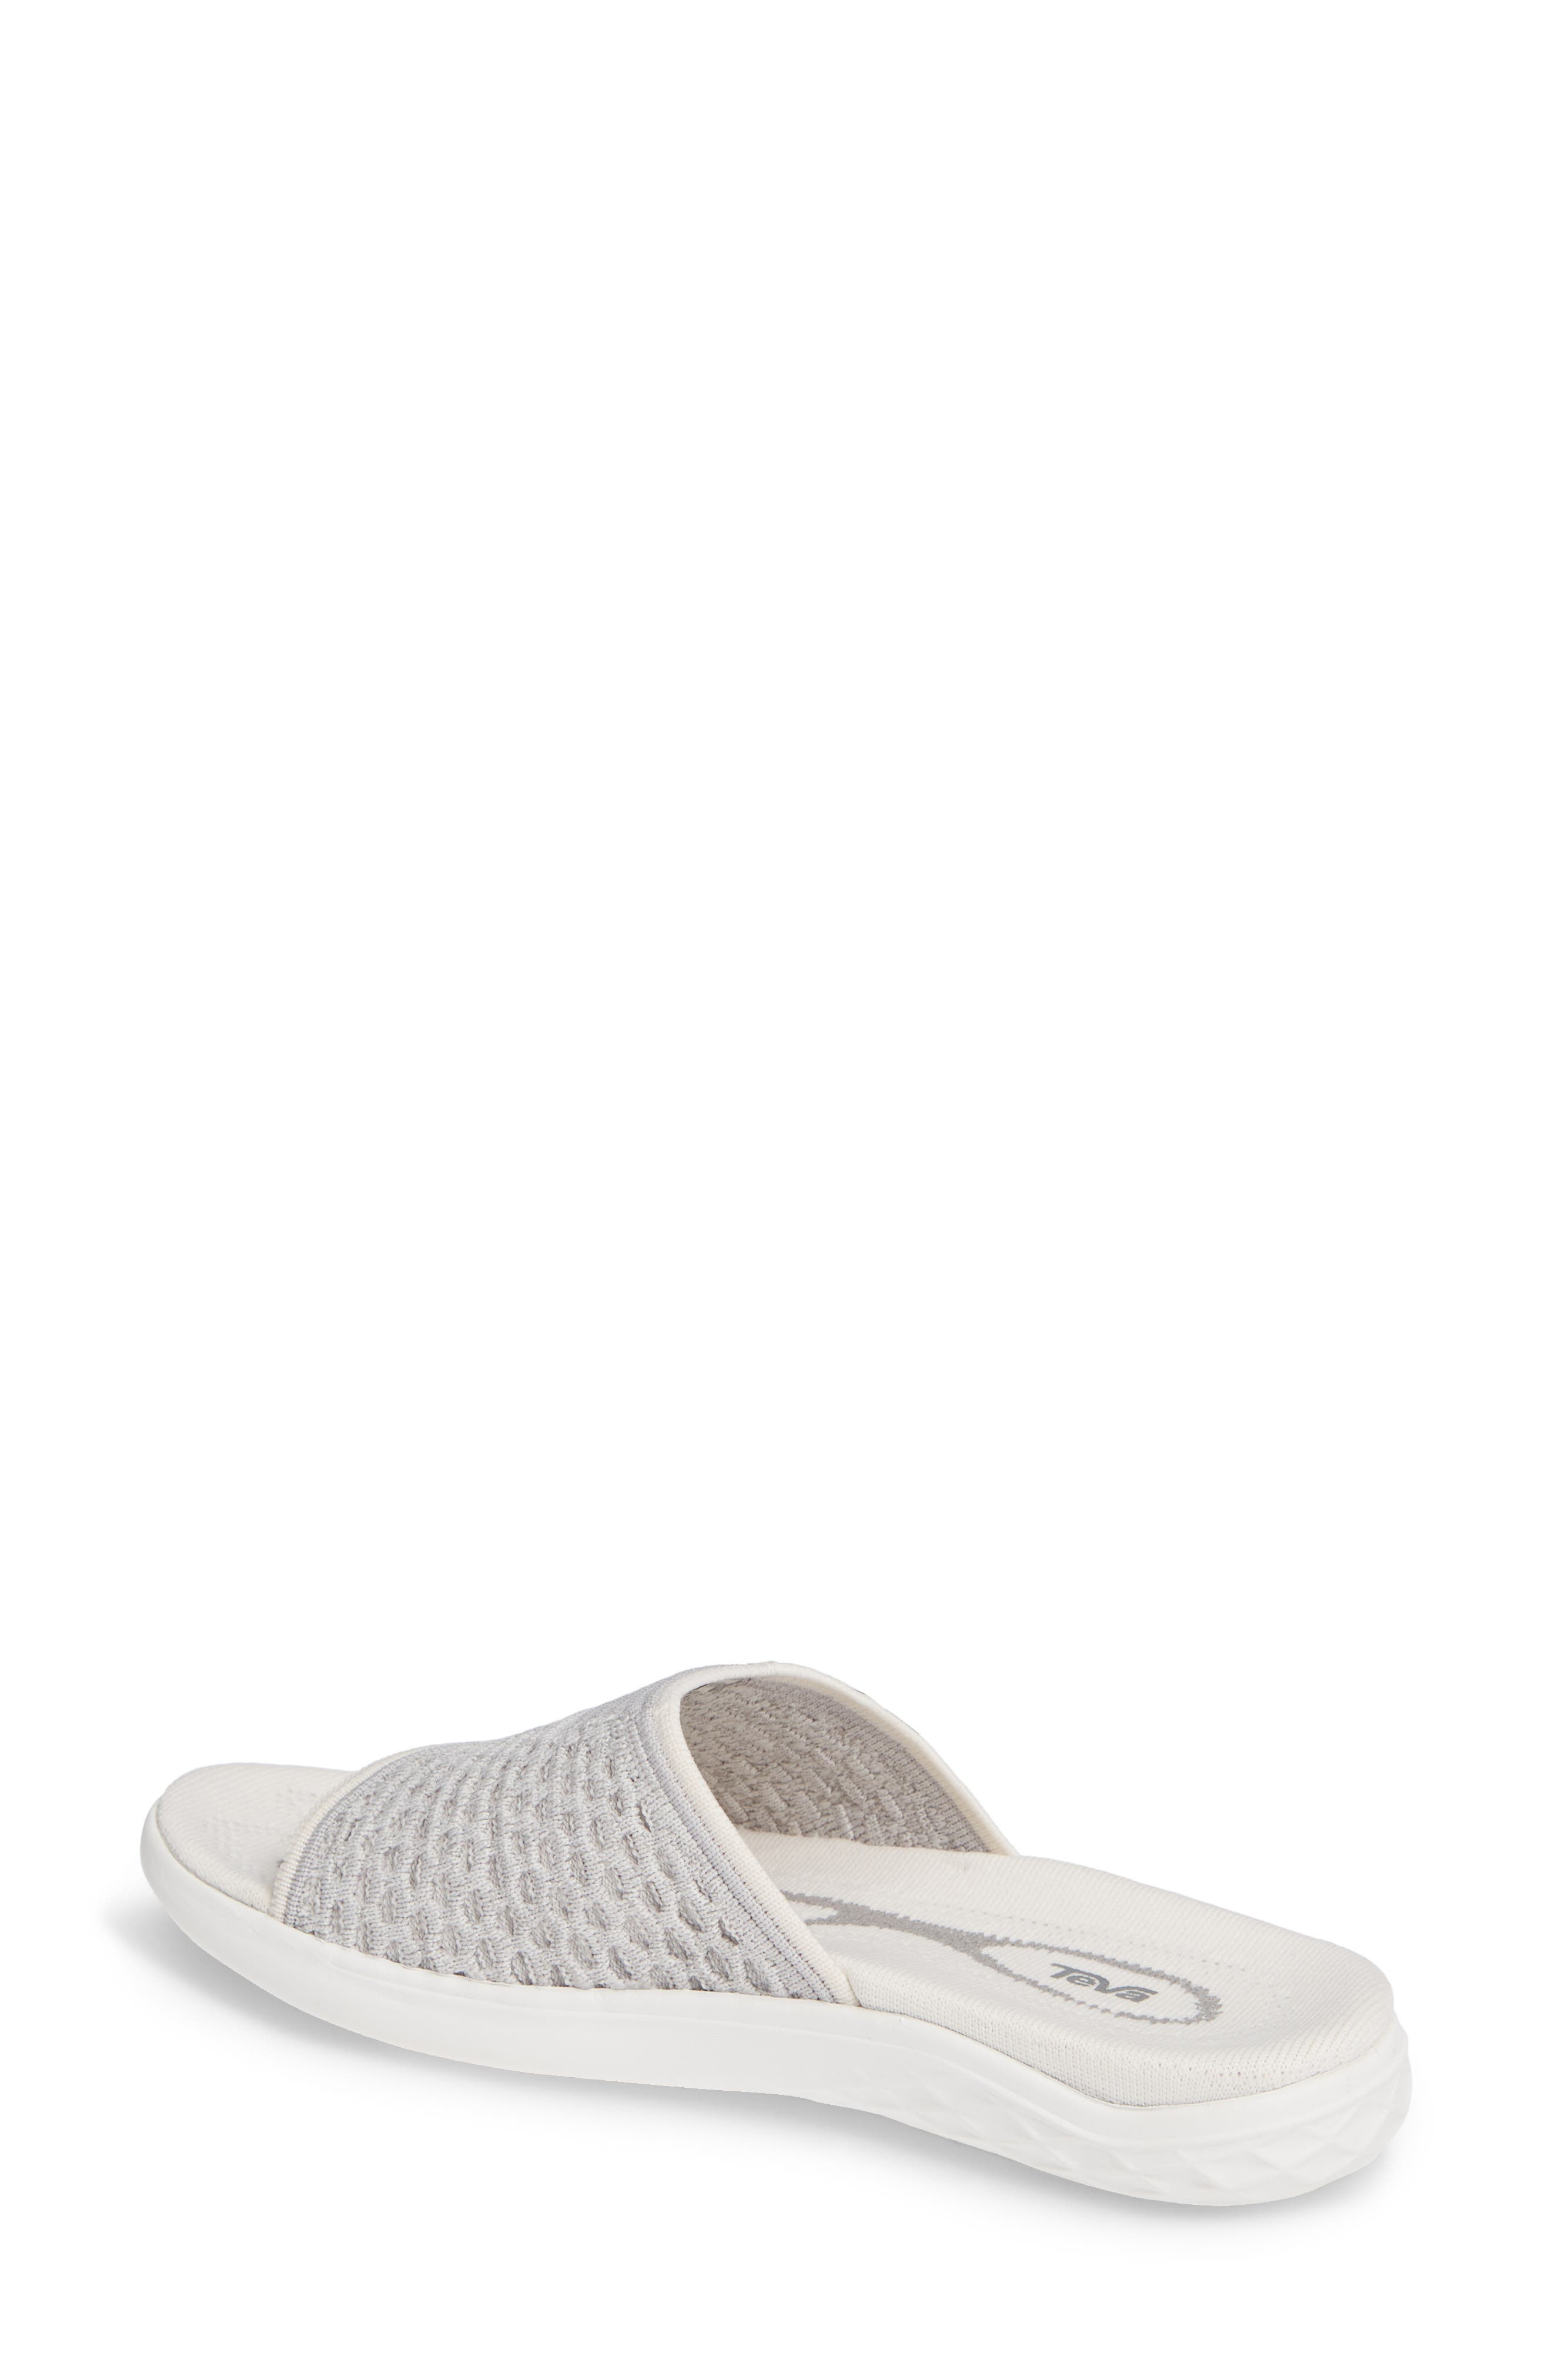 Terra Float 2 Knit Slide Sandal,                             Alternate thumbnail 2, color,                             BRIGHT WHITE FABRIC